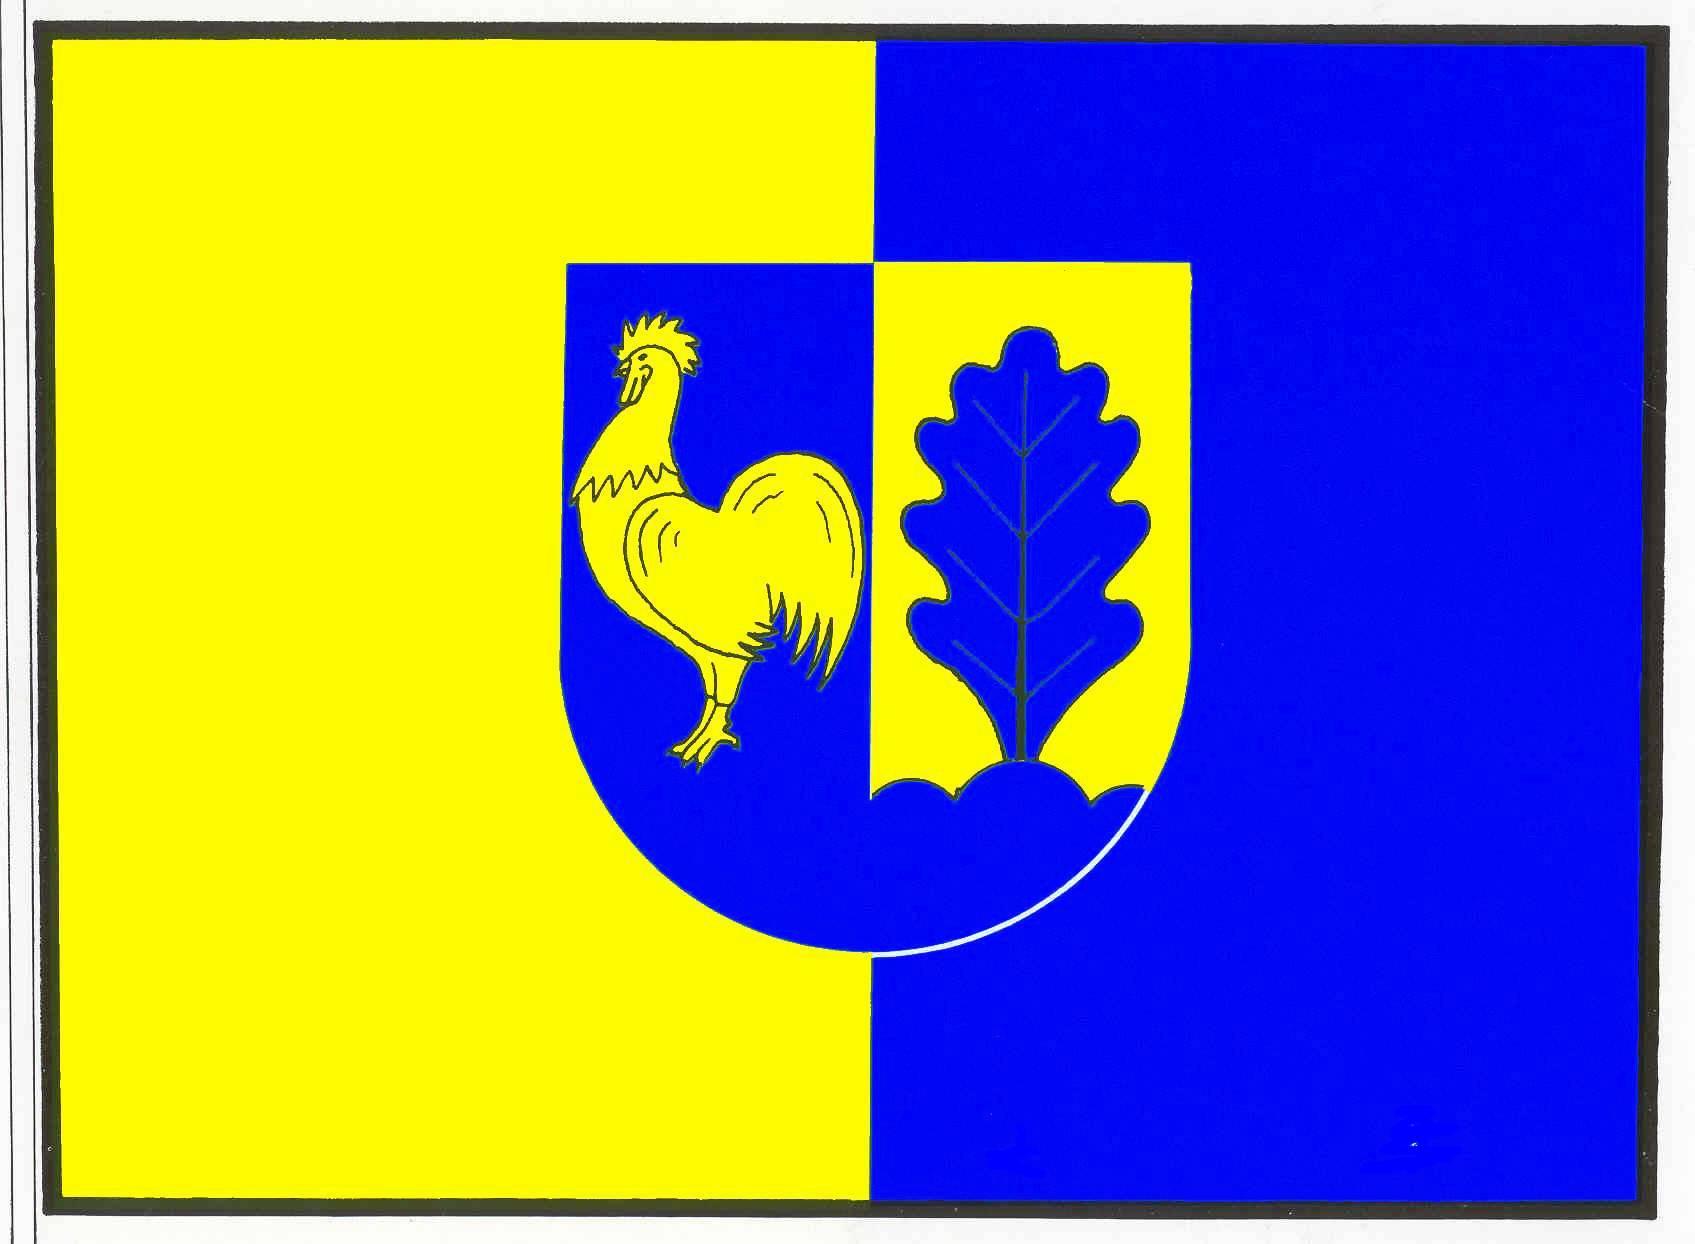 Flagge GemeindeHohn, Kreis Rendsburg-Eckernförde